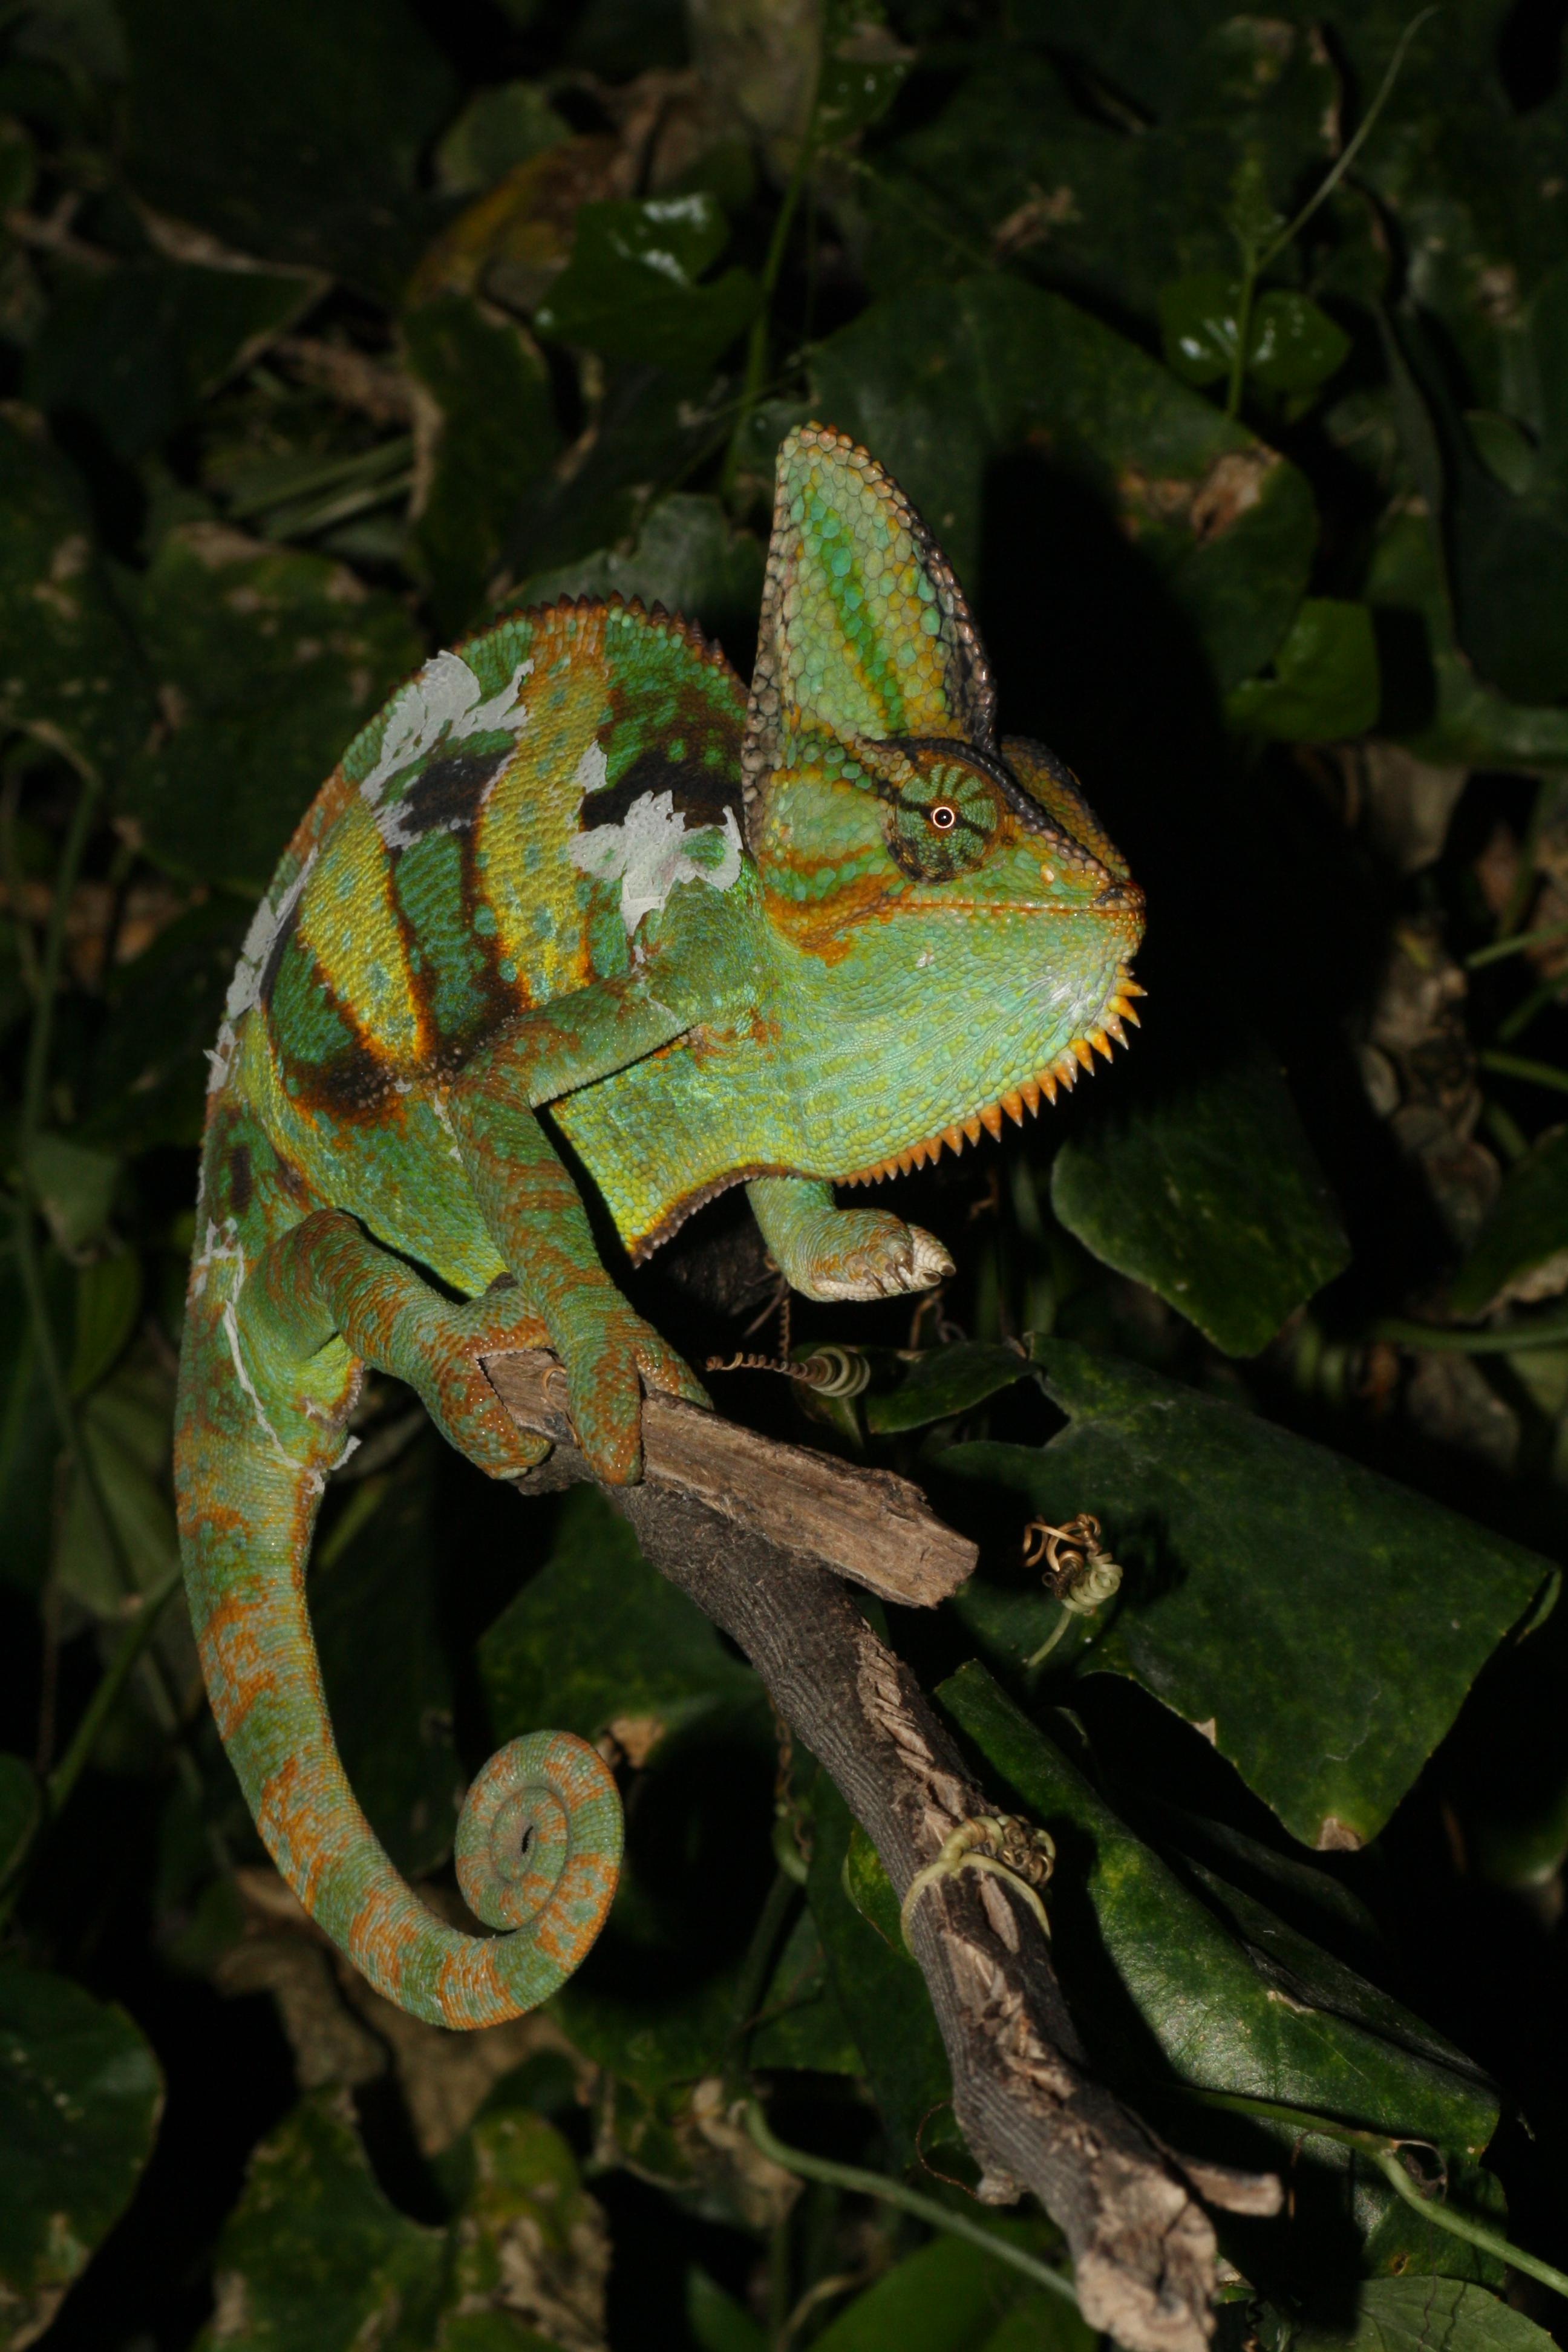 Chameleon clipart veiled chameleon. Chameleons everglades cisma chamaeleo